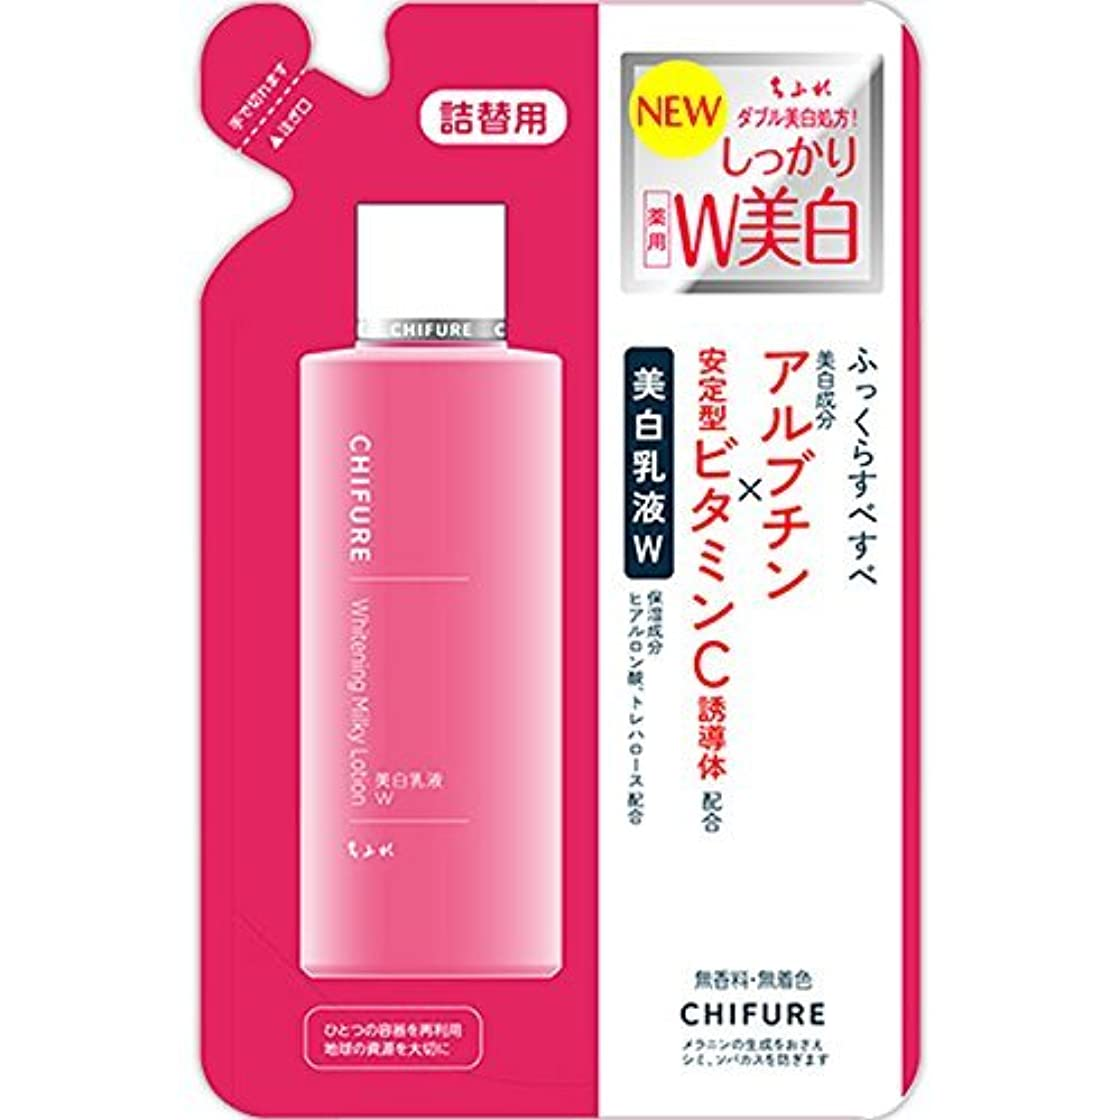 上昇土位置づけるちふれ化粧品 美白乳液 W 詰替 150ML (医薬部外品)